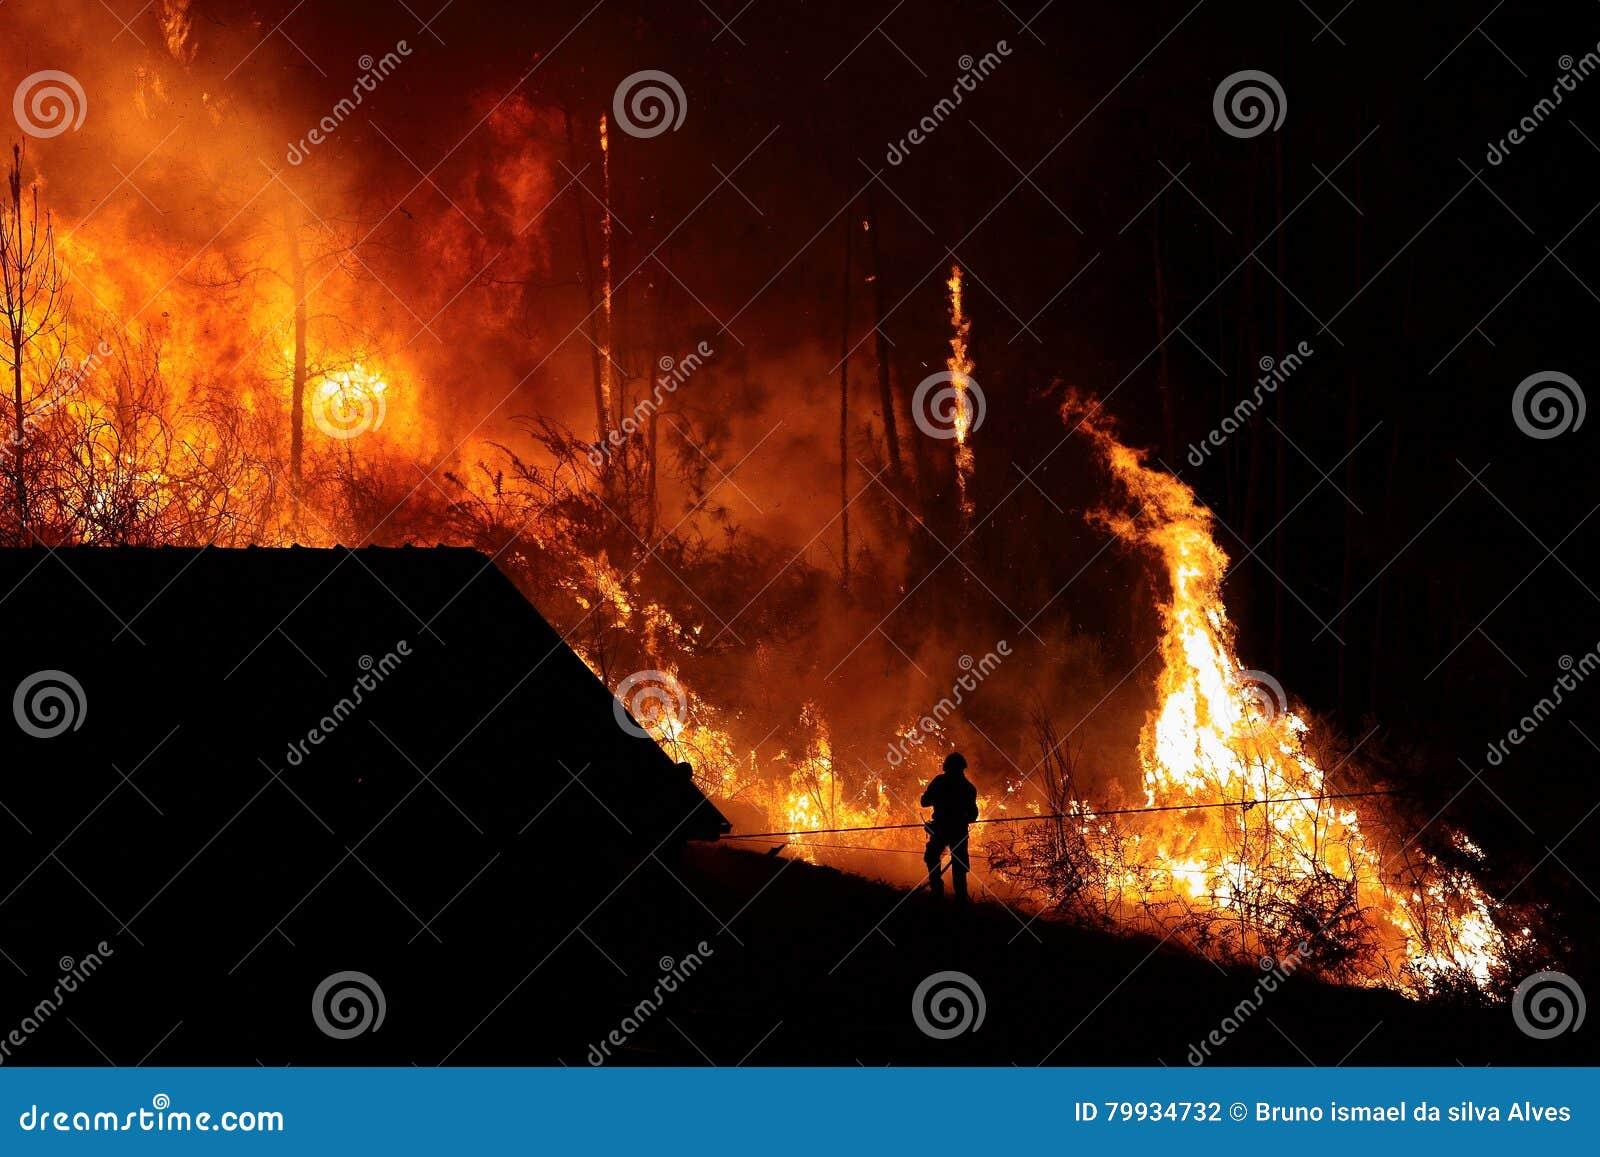 Forest Fire cerca de una casa, silueta del bombero